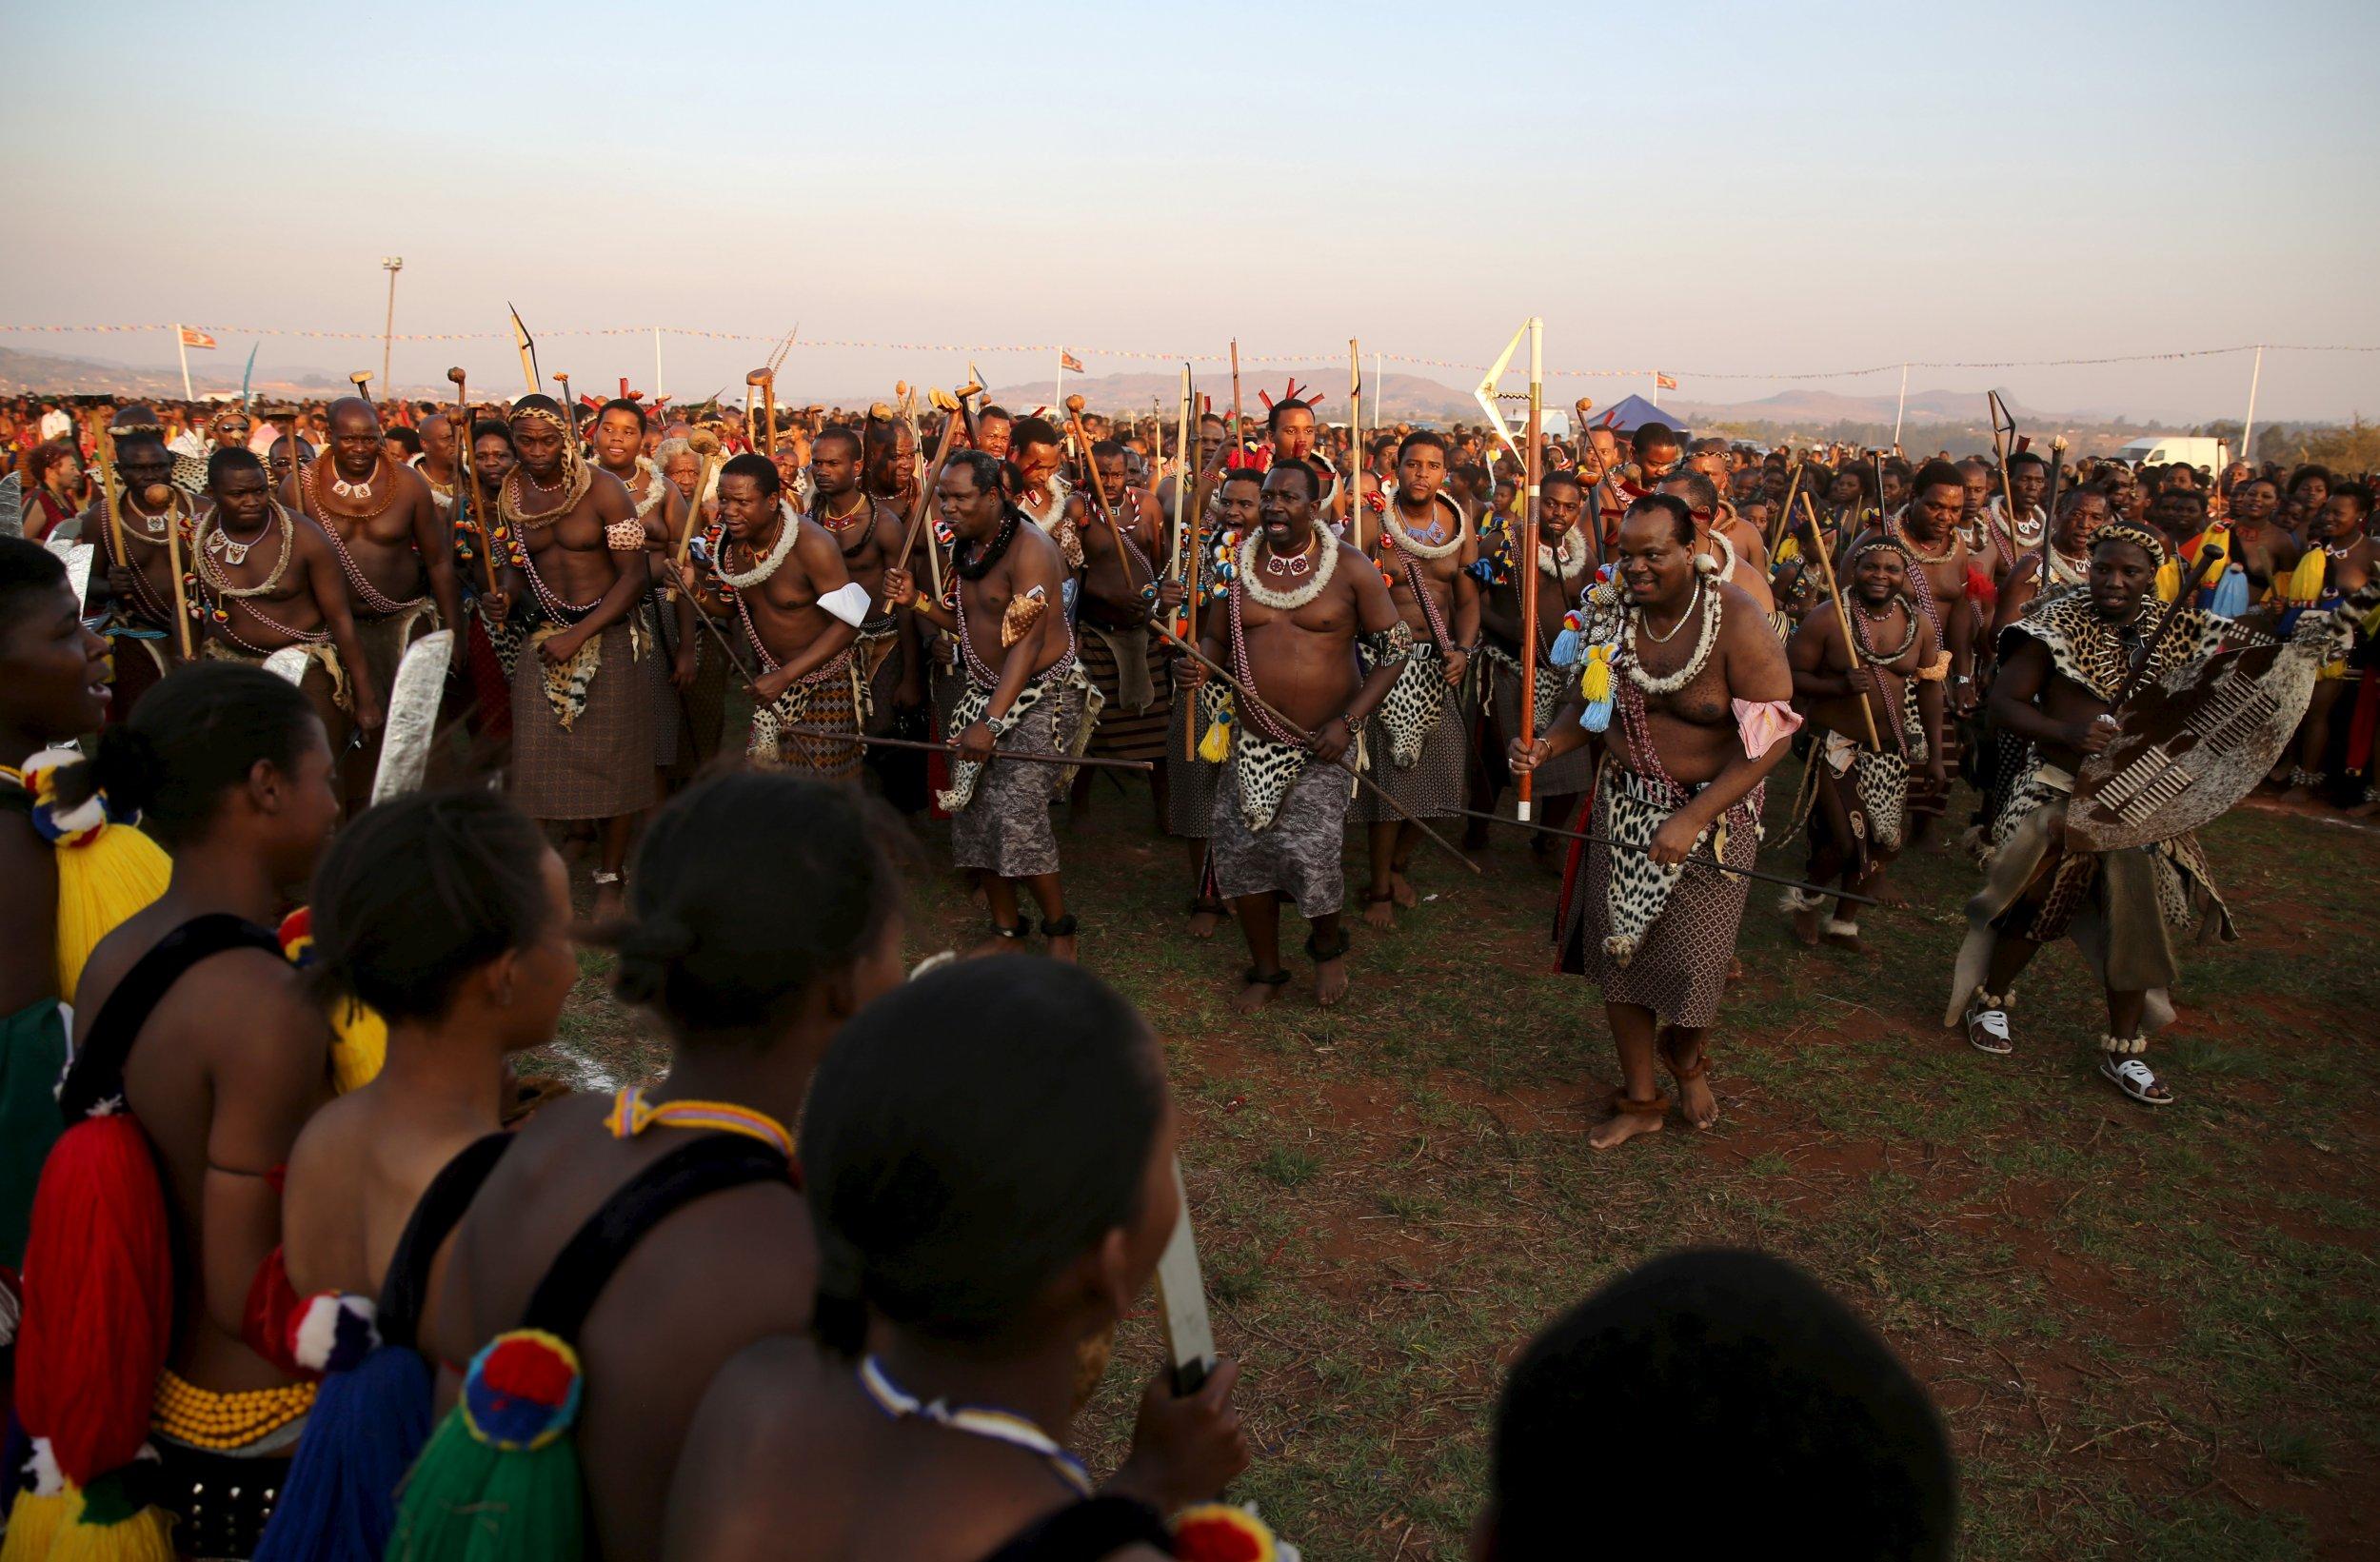 King Mswati III reed dance